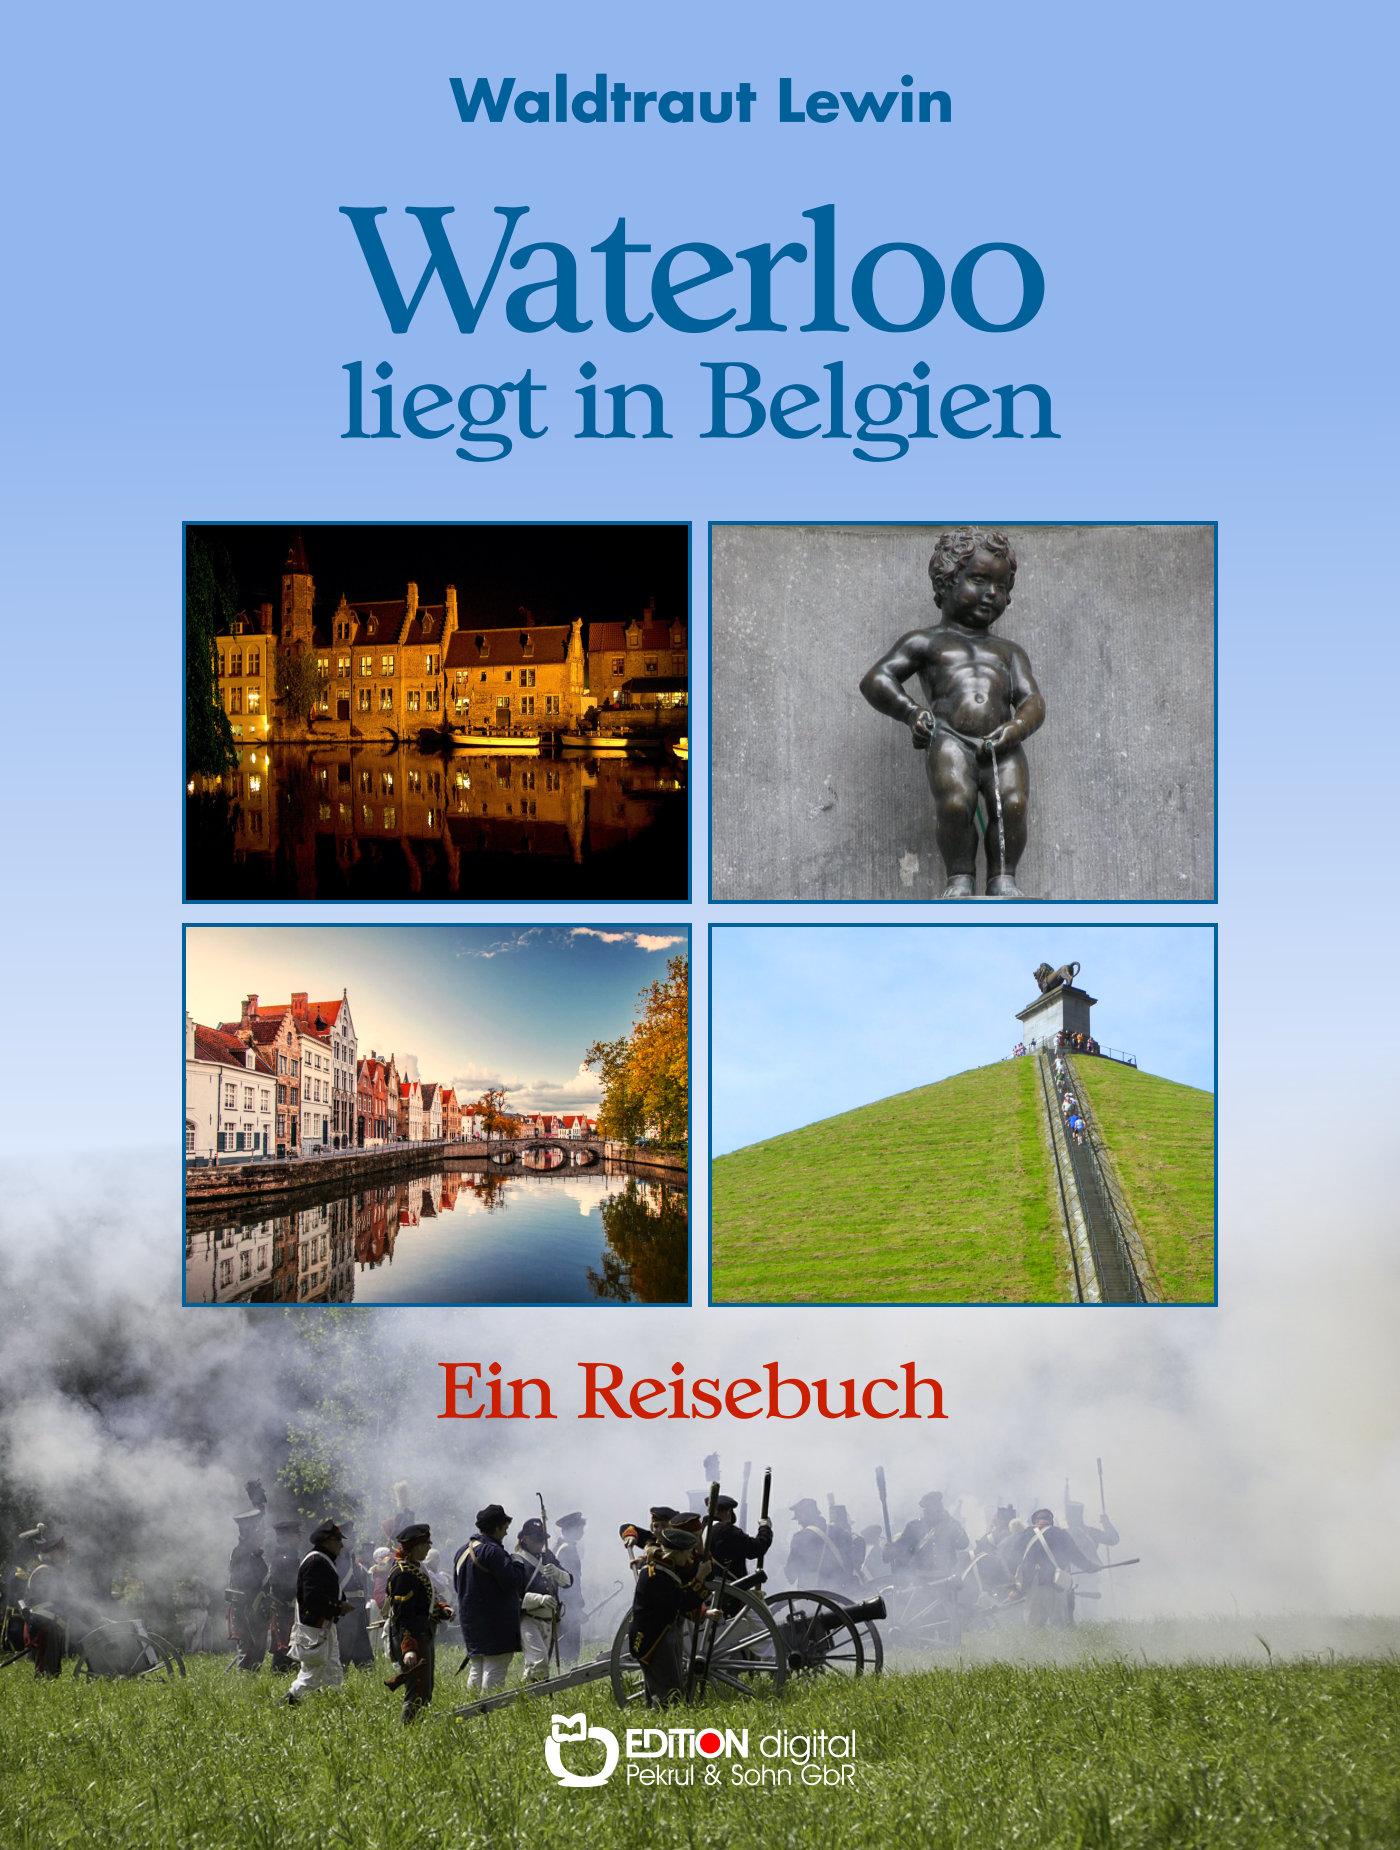 Waterloo liegt in Belgien. Ein Reisebuch von Waldtraut Lewin